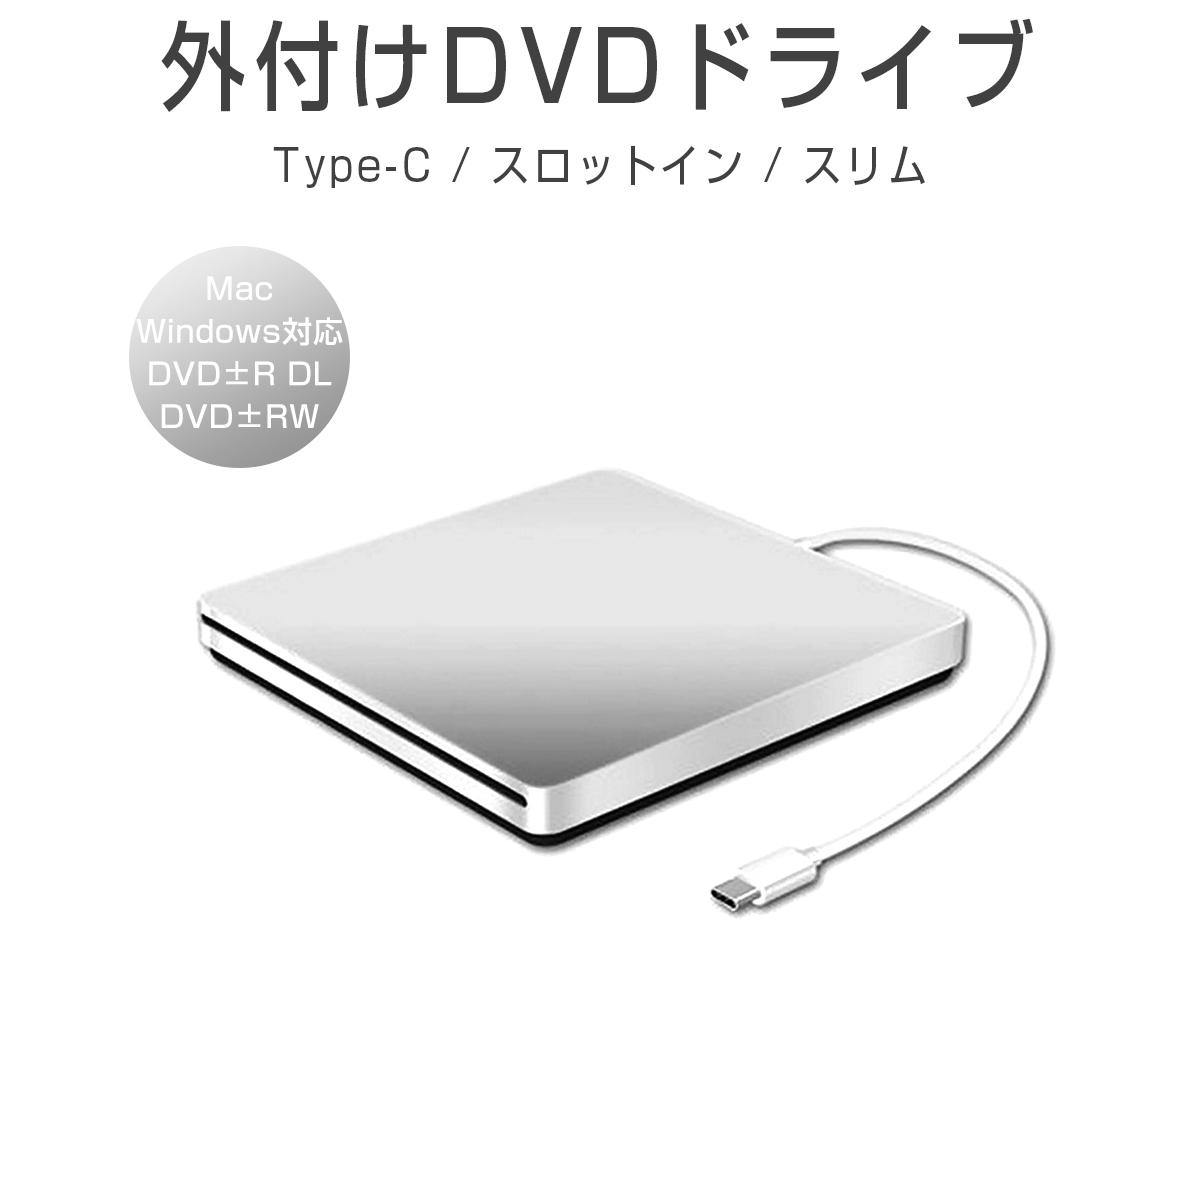 外付けDVDドライブ USB Type-C ポータブル スロットイン 軽量 薄型スリム 静音 高速書込 高速読込 ドライバー不要 バスパワー 電源不要 外付けDVDプレーヤー MacBookPro/MacBookAir/Mac等に Windows/MacOS対応 SDM便送料無料 1ヶ月保証